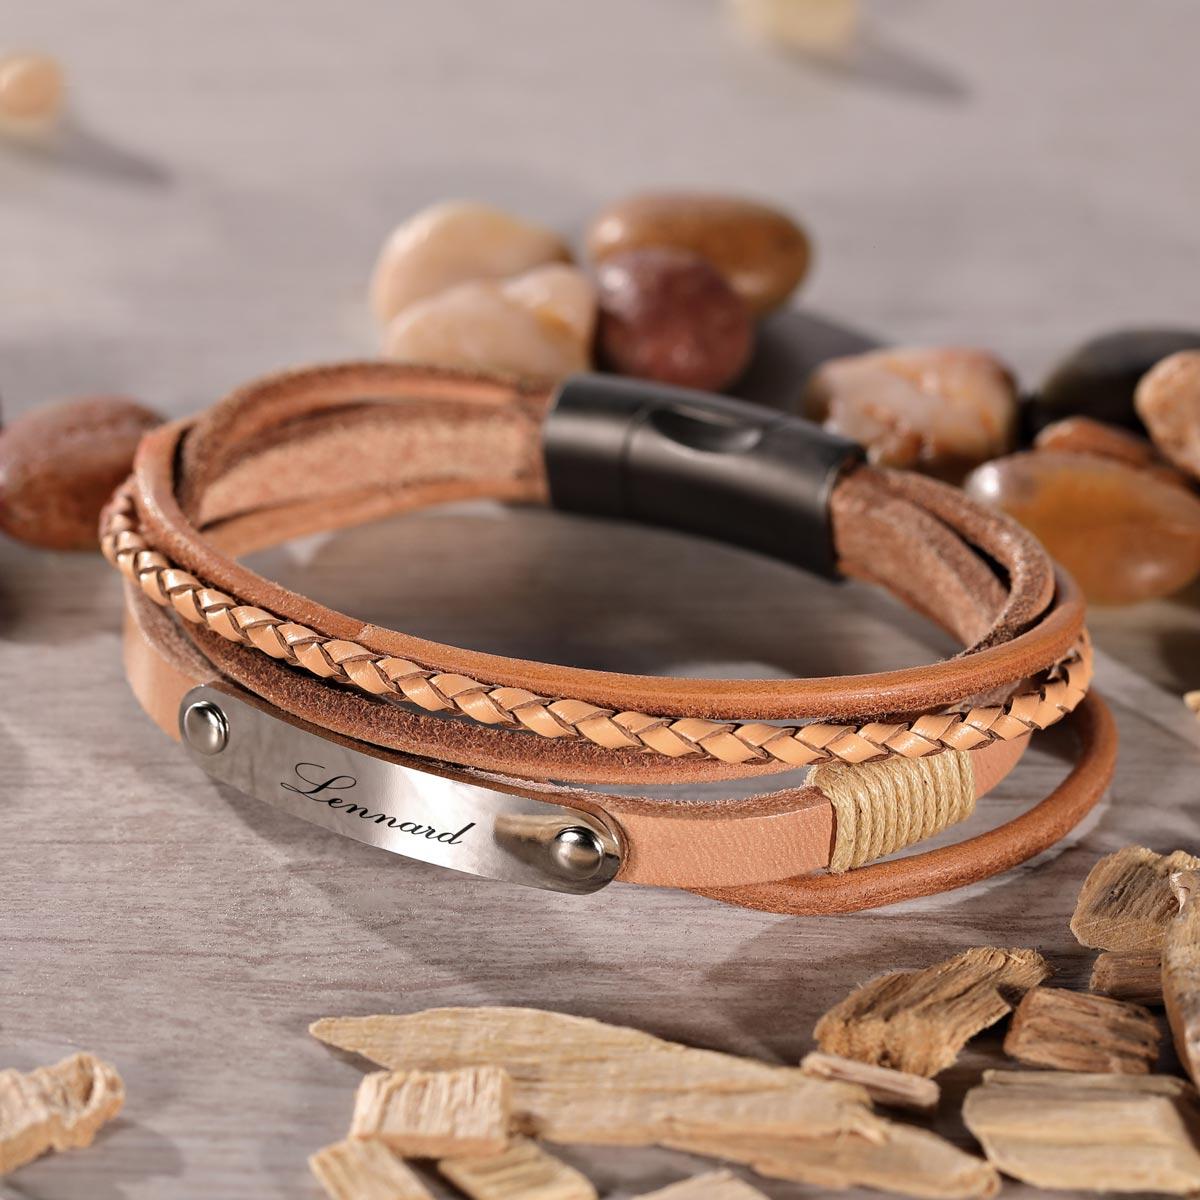 EDEL Leder Armband in Herz Box Elegante mit Edelstahlpaltte GRAVUR nach WUNSCH